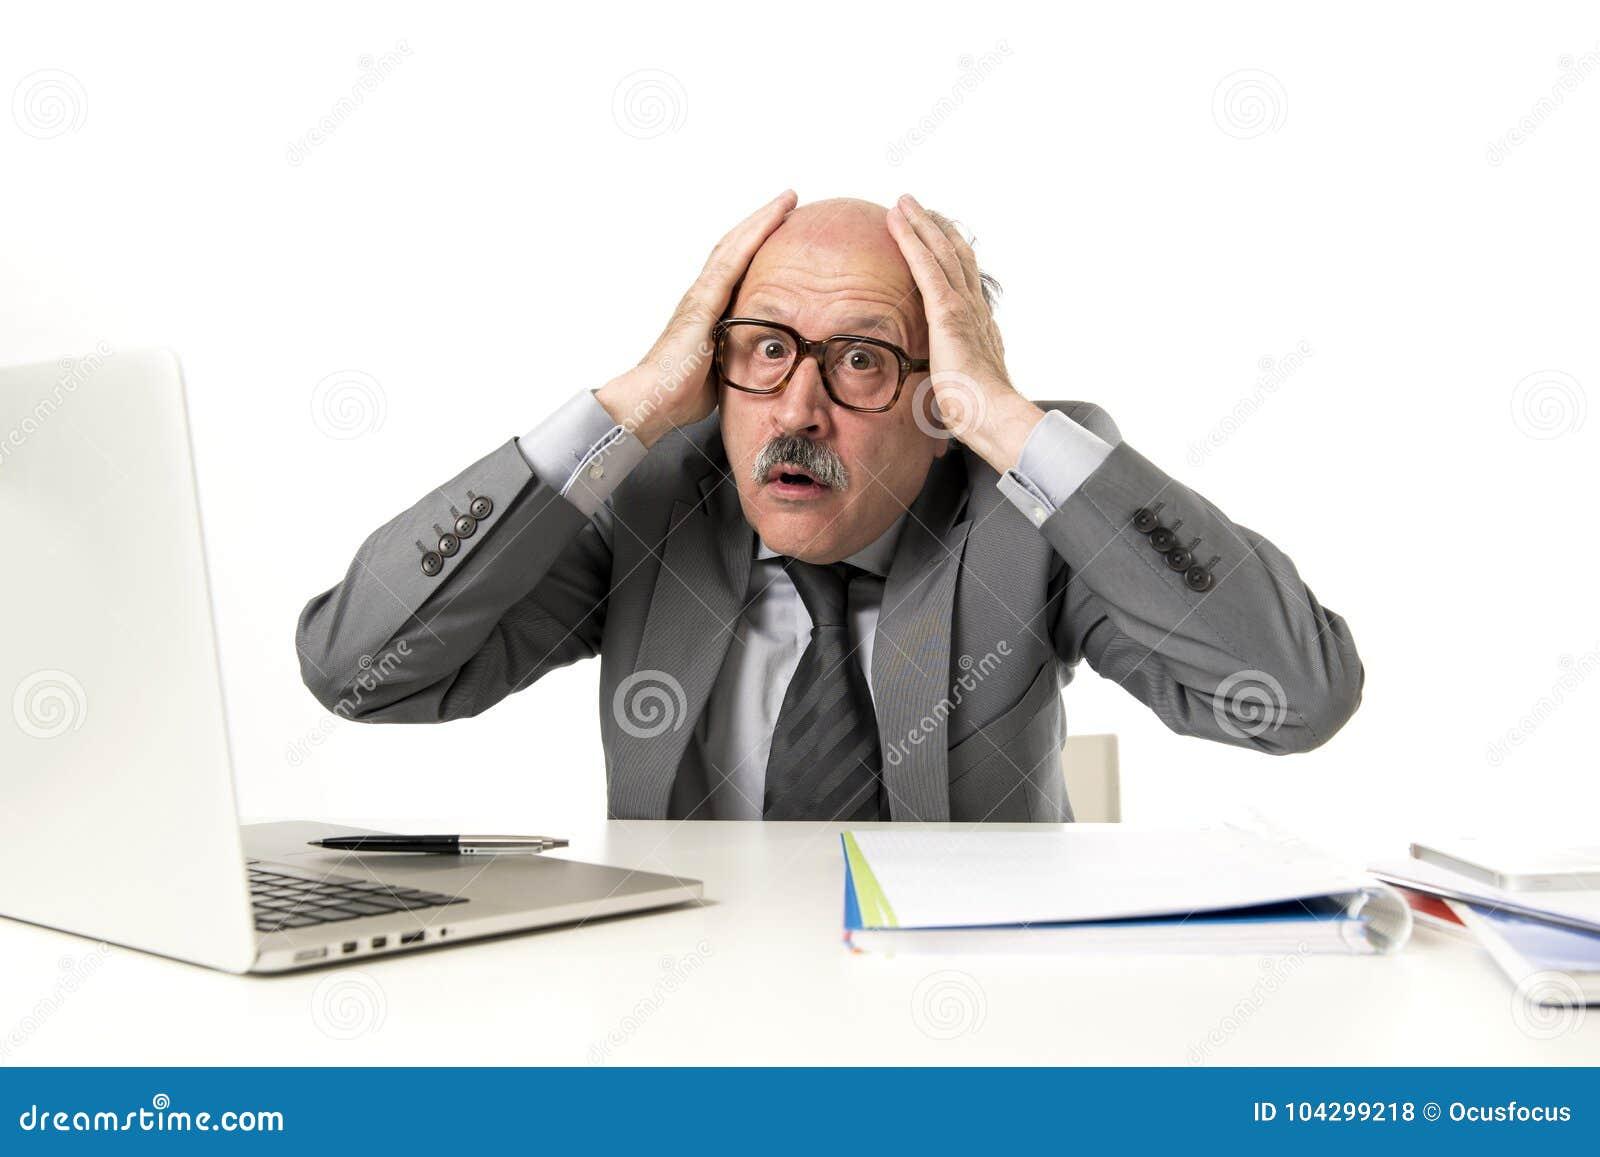 Mogen upptagen affärsman för pensionär med flinten på hans funktionsdugliga stressat för 60-tal och frustrerat på skrivbordet för